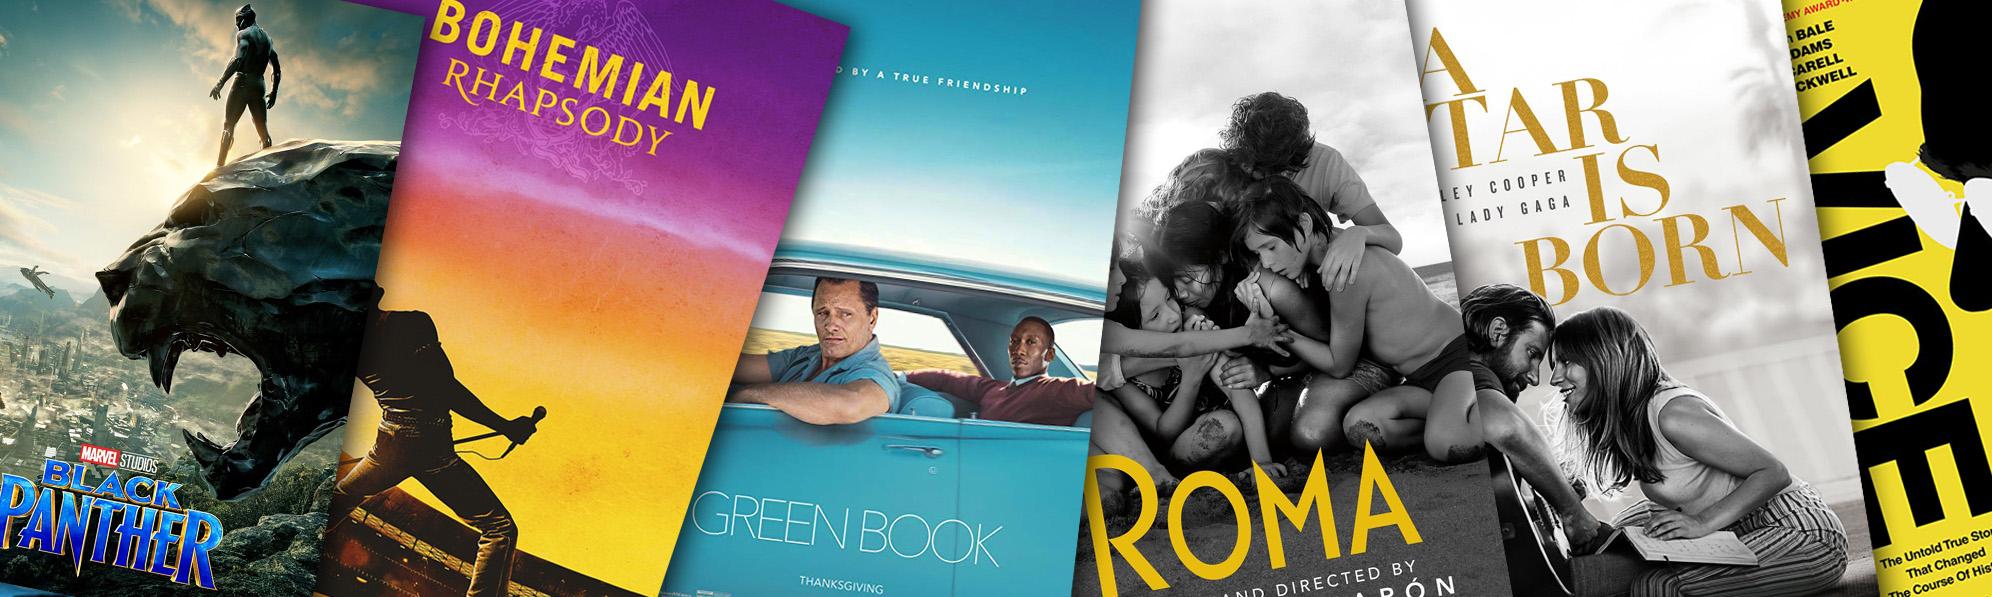 Las películas nominadas para el premio Óscar 2019